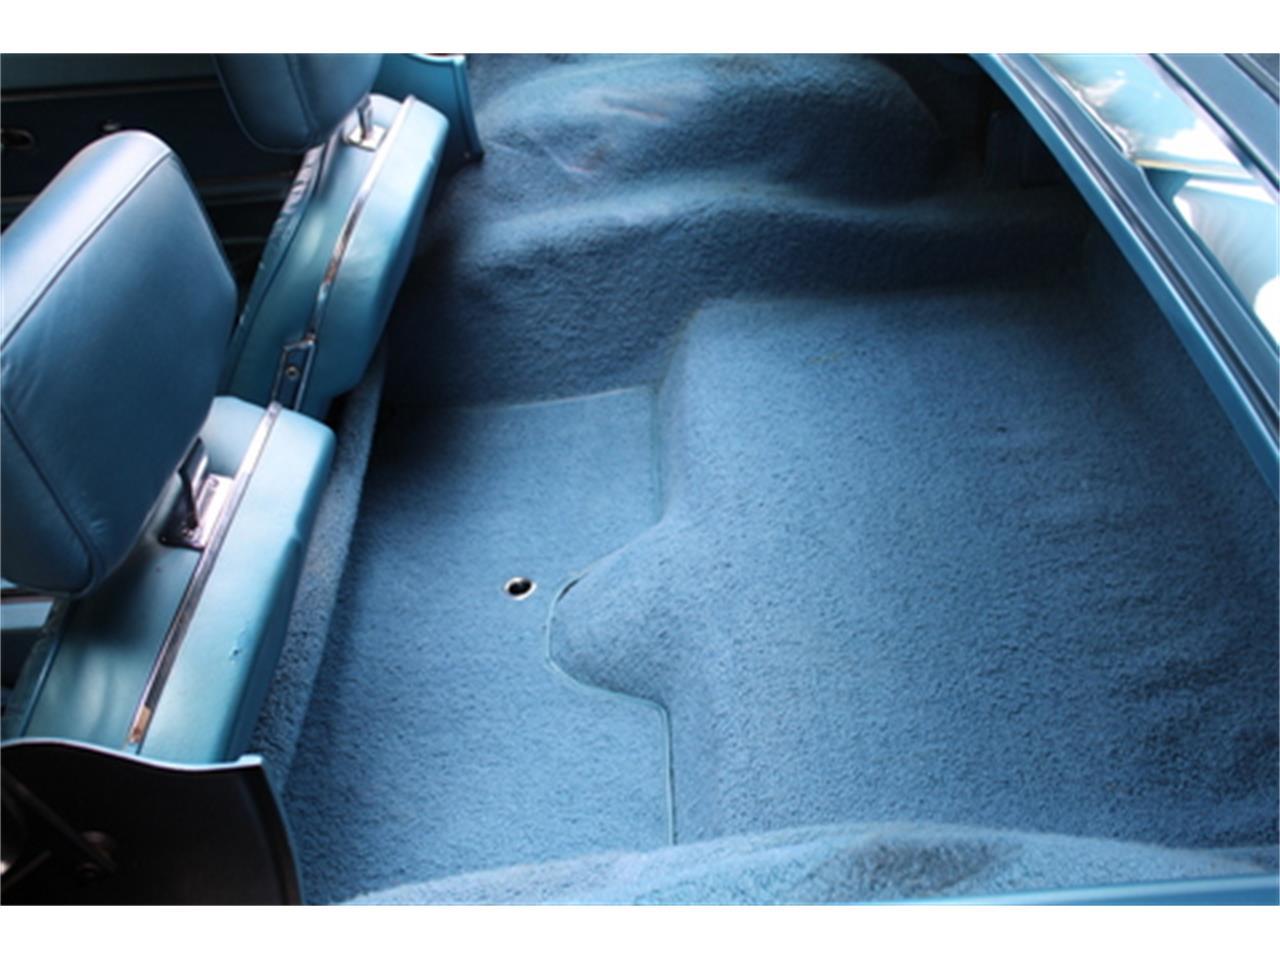 Large Picture of Classic 1967 Chevrolet Corvette located in Georgia - $110,000.00 - Q5DT